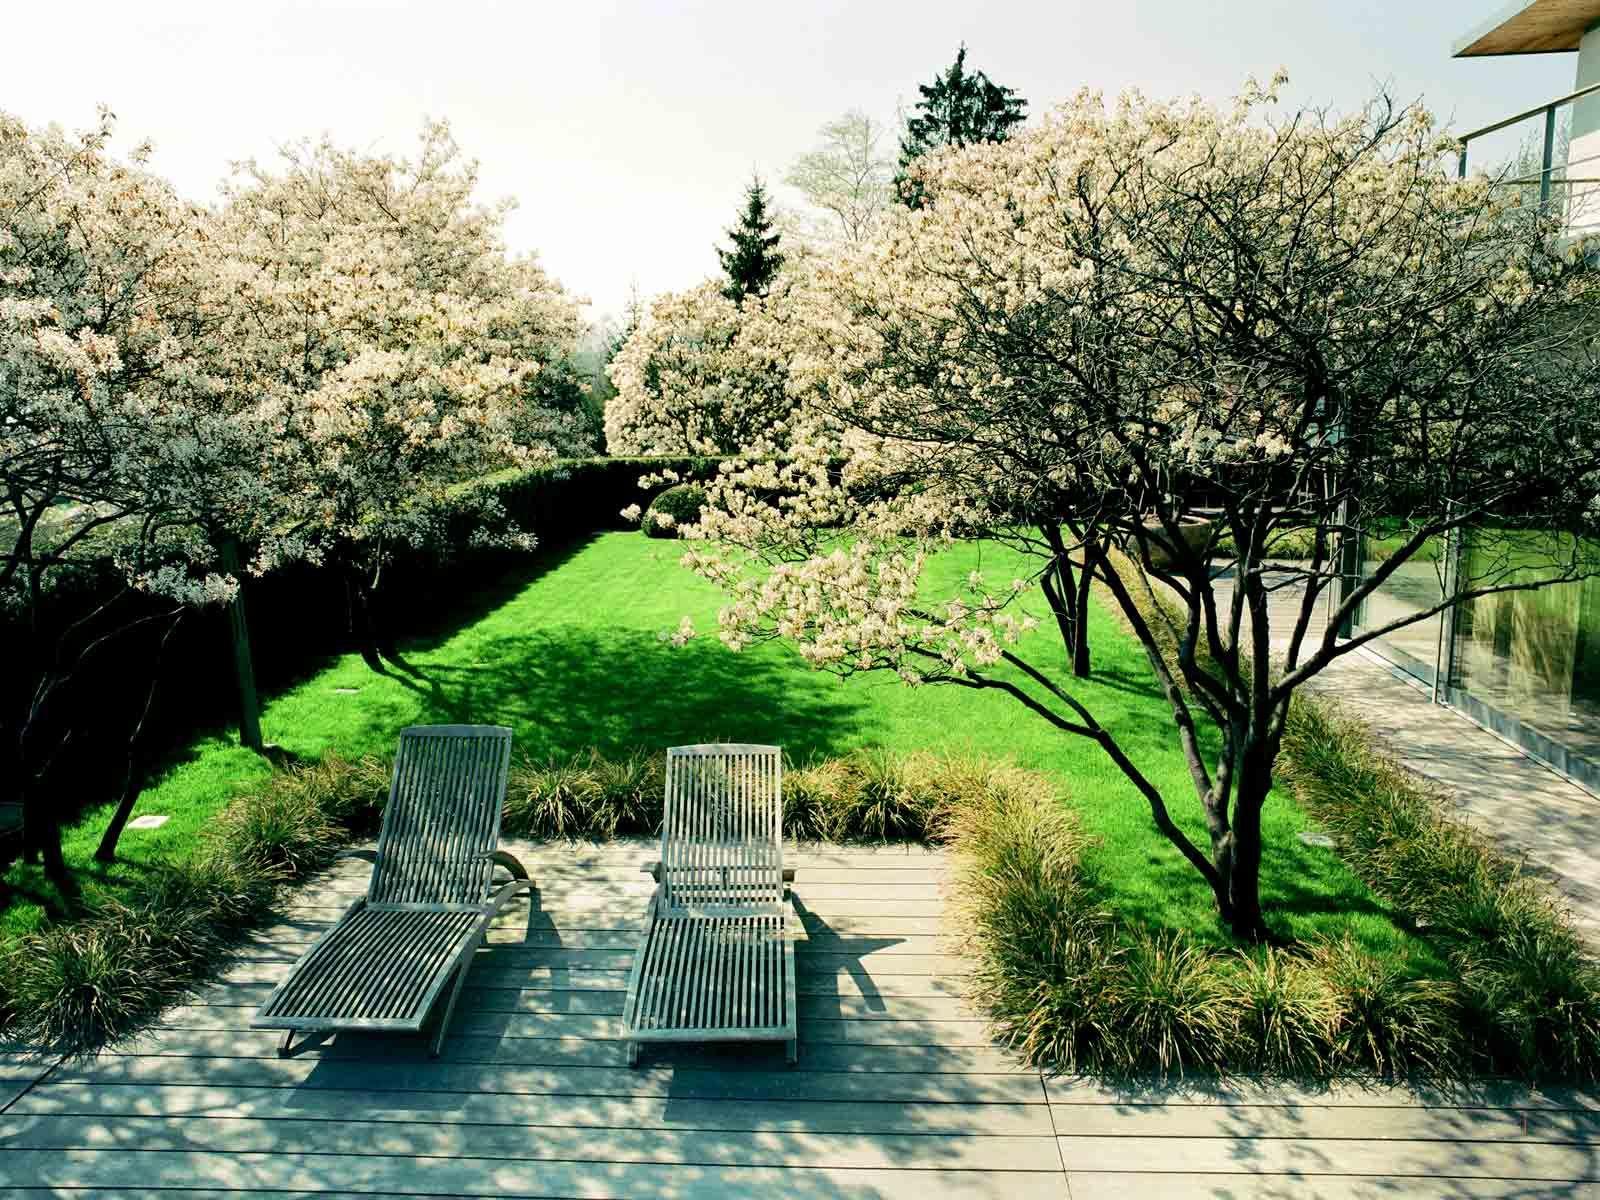 Sitzplatz Mit Gräsern Eingefasst Garden Landscape Design Outdoor Gardens Outdoor Design